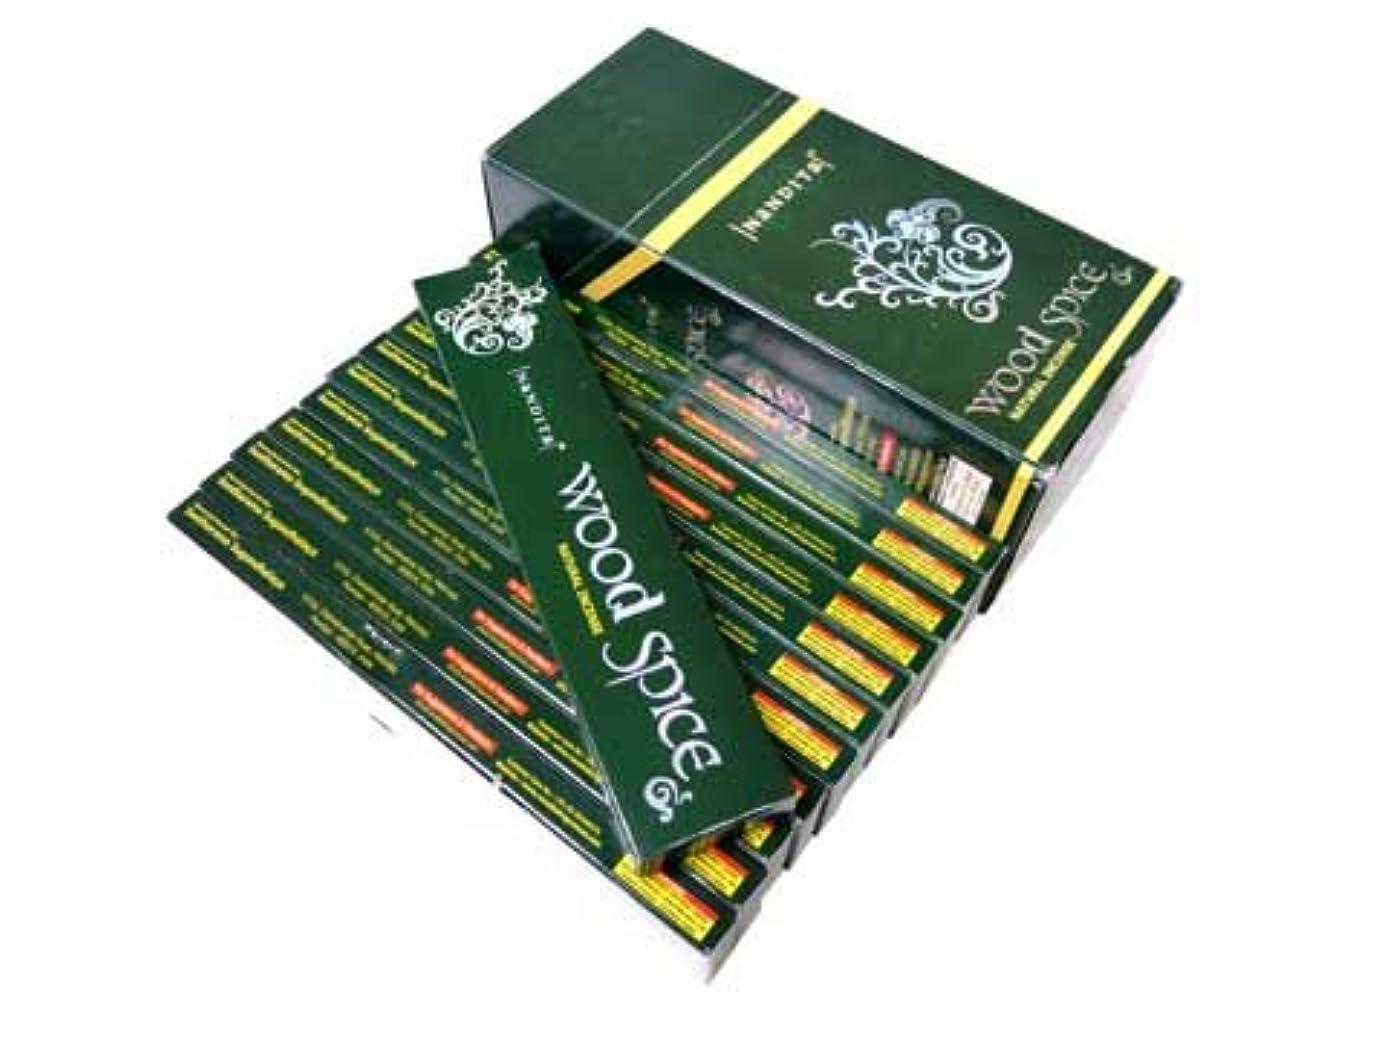 気を散らす擬人セクタNANDITA(ナンディータ) ウッドスパイス香 スティック WOOD SPICE 12箱セット